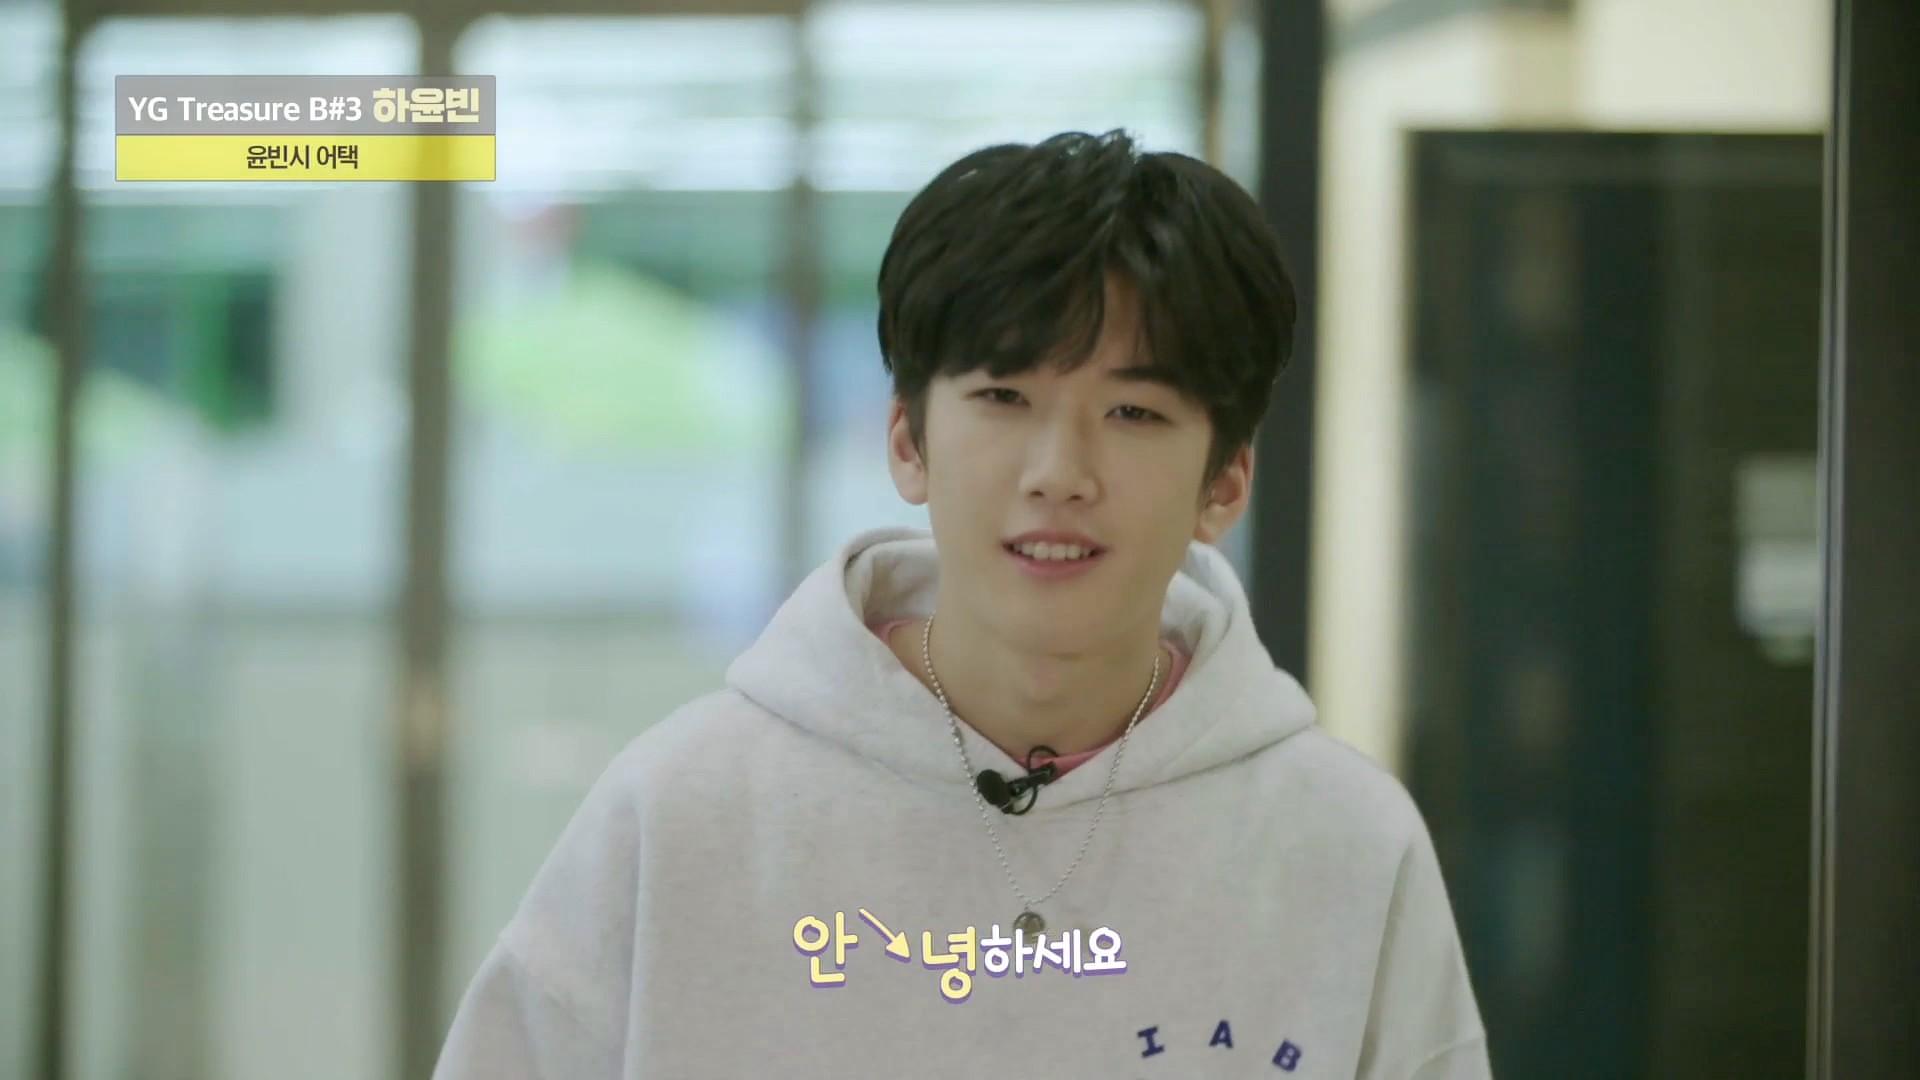 [윤빈시 ATTACK] B#3 하윤빈 <HA YOONBIN> l YG보석함